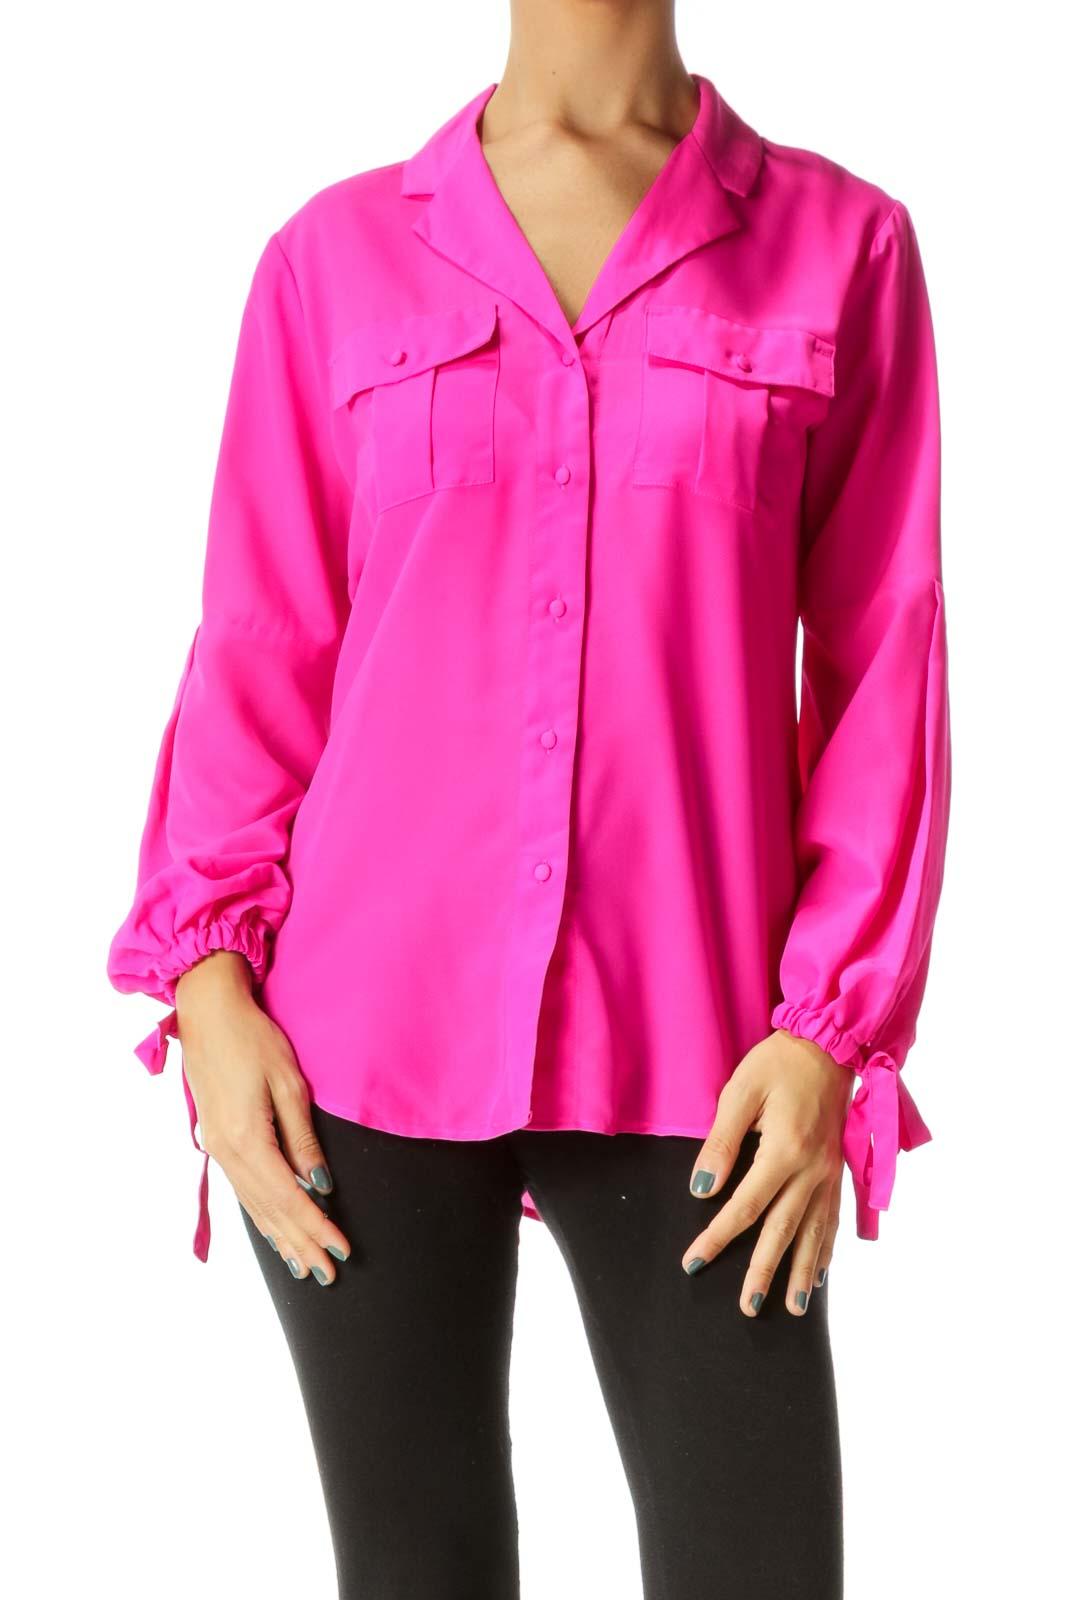 Hot Pink V-Neck Sleeve Bow Details Shirt